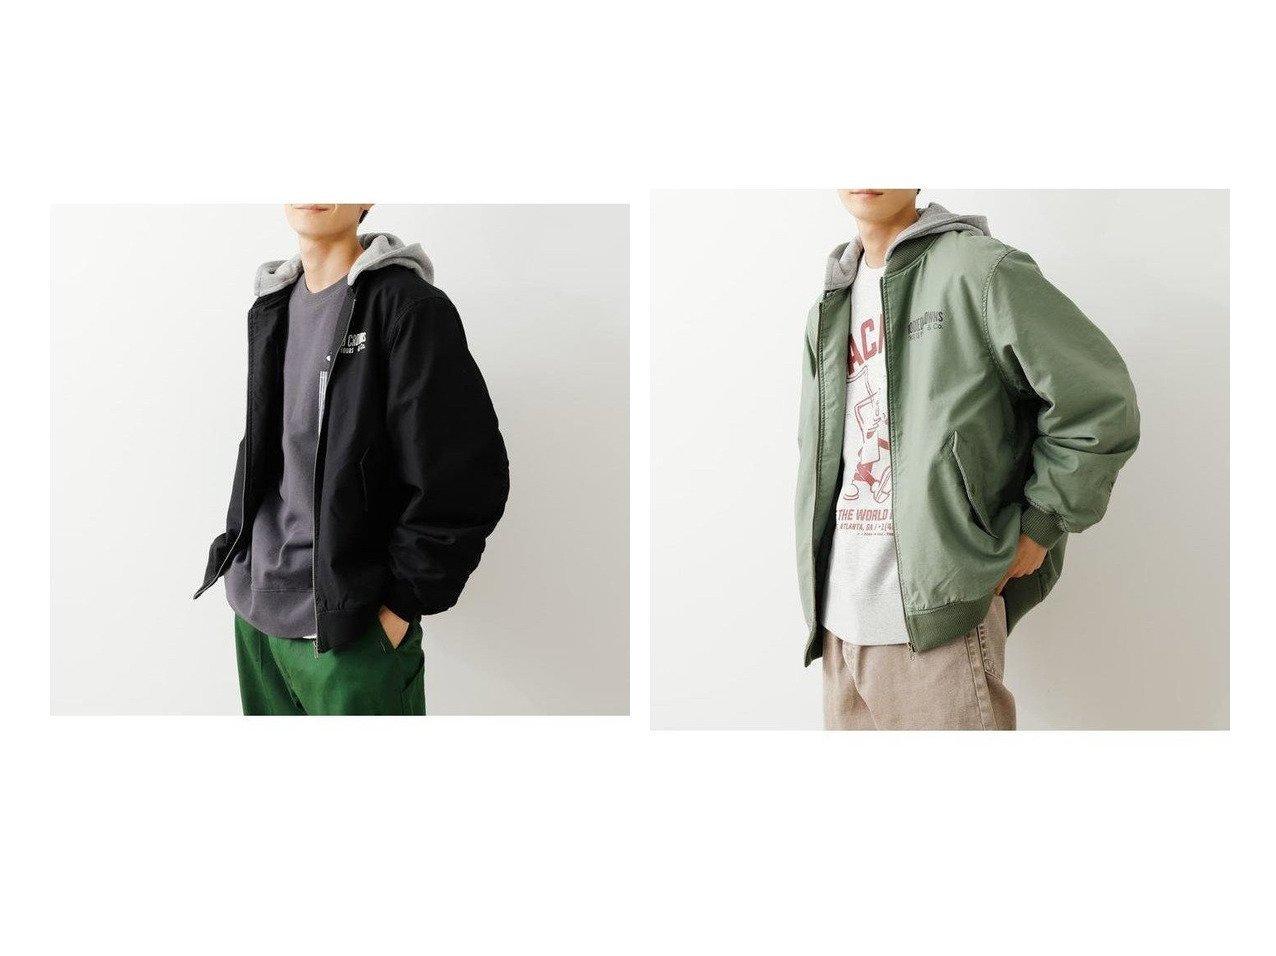 【RODEO CROWNS WIDE BOWL / MEN/ロデオクラウンズワイドボウル】のメンズフーデットビックブルゾン 【MEN】おすすめ!人気トレンド・男性、メンズファッションの通販 おすすめで人気の流行・トレンド、ファッションの通販商品 メンズファッション・キッズファッション・インテリア・家具・レディースファッション・服の通販 founy(ファニー) https://founy.com/ ファッション Fashion メンズファッション MEN アウター Coats Outerwear Men ブルゾン Blouson Jackets ブルゾン プリント ラバー |ID:crp329100000023126